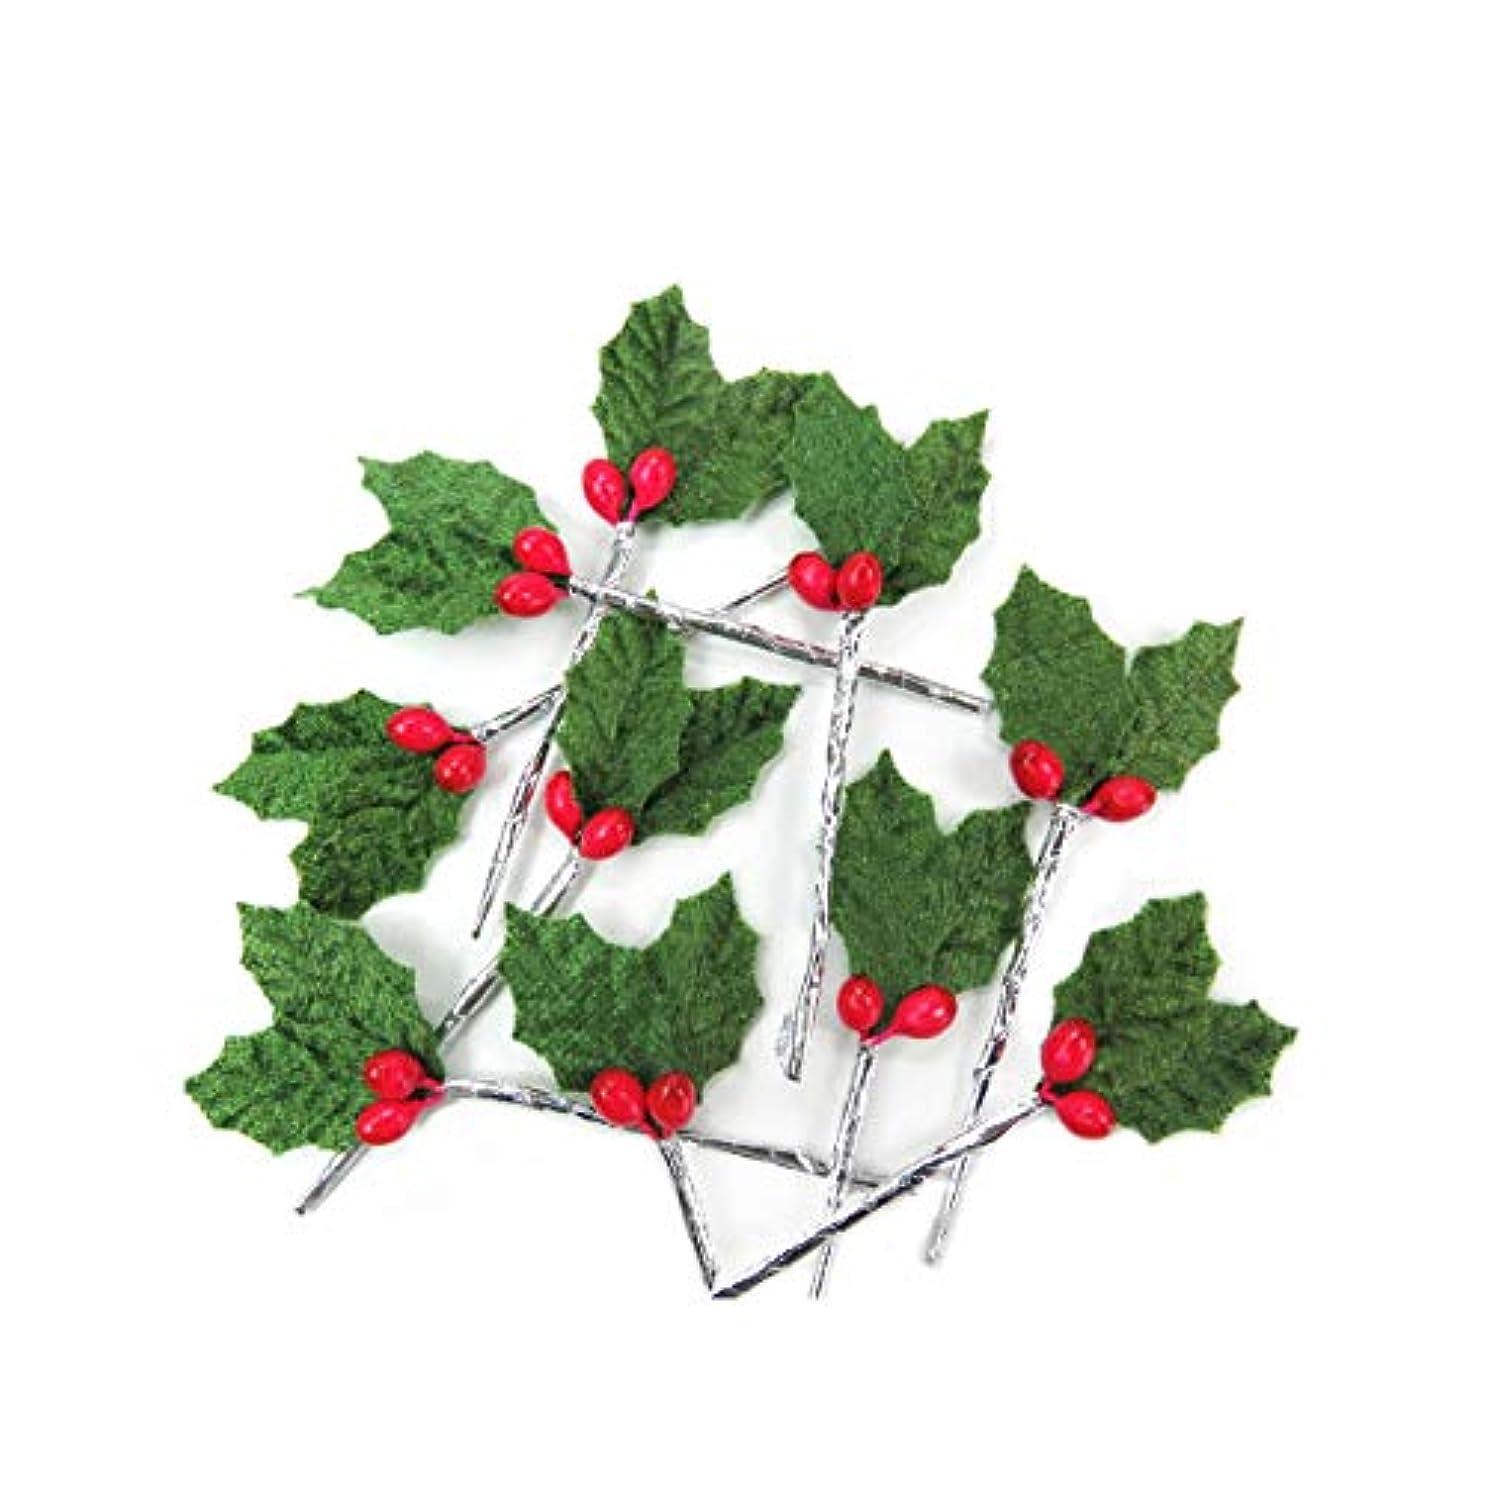 教養がある不一致手紙を書くクリスマスケーキ ピック 飾り◆FX-2 緑のヒイラギ(10本入)